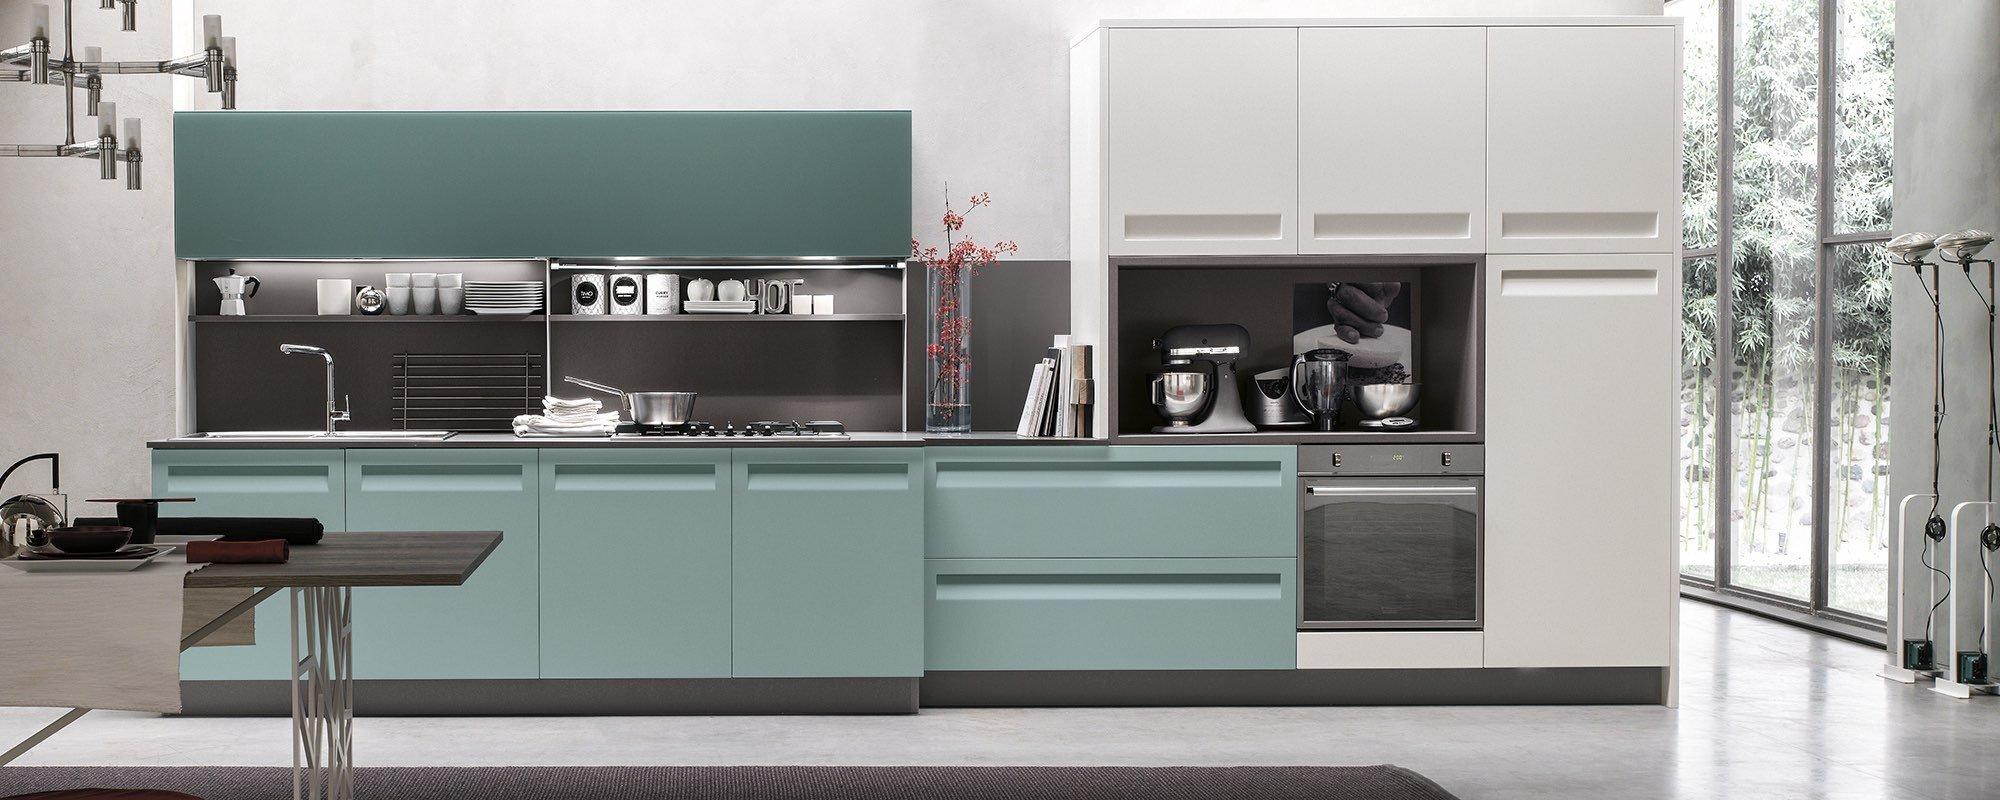 cucina con mobili azzurri